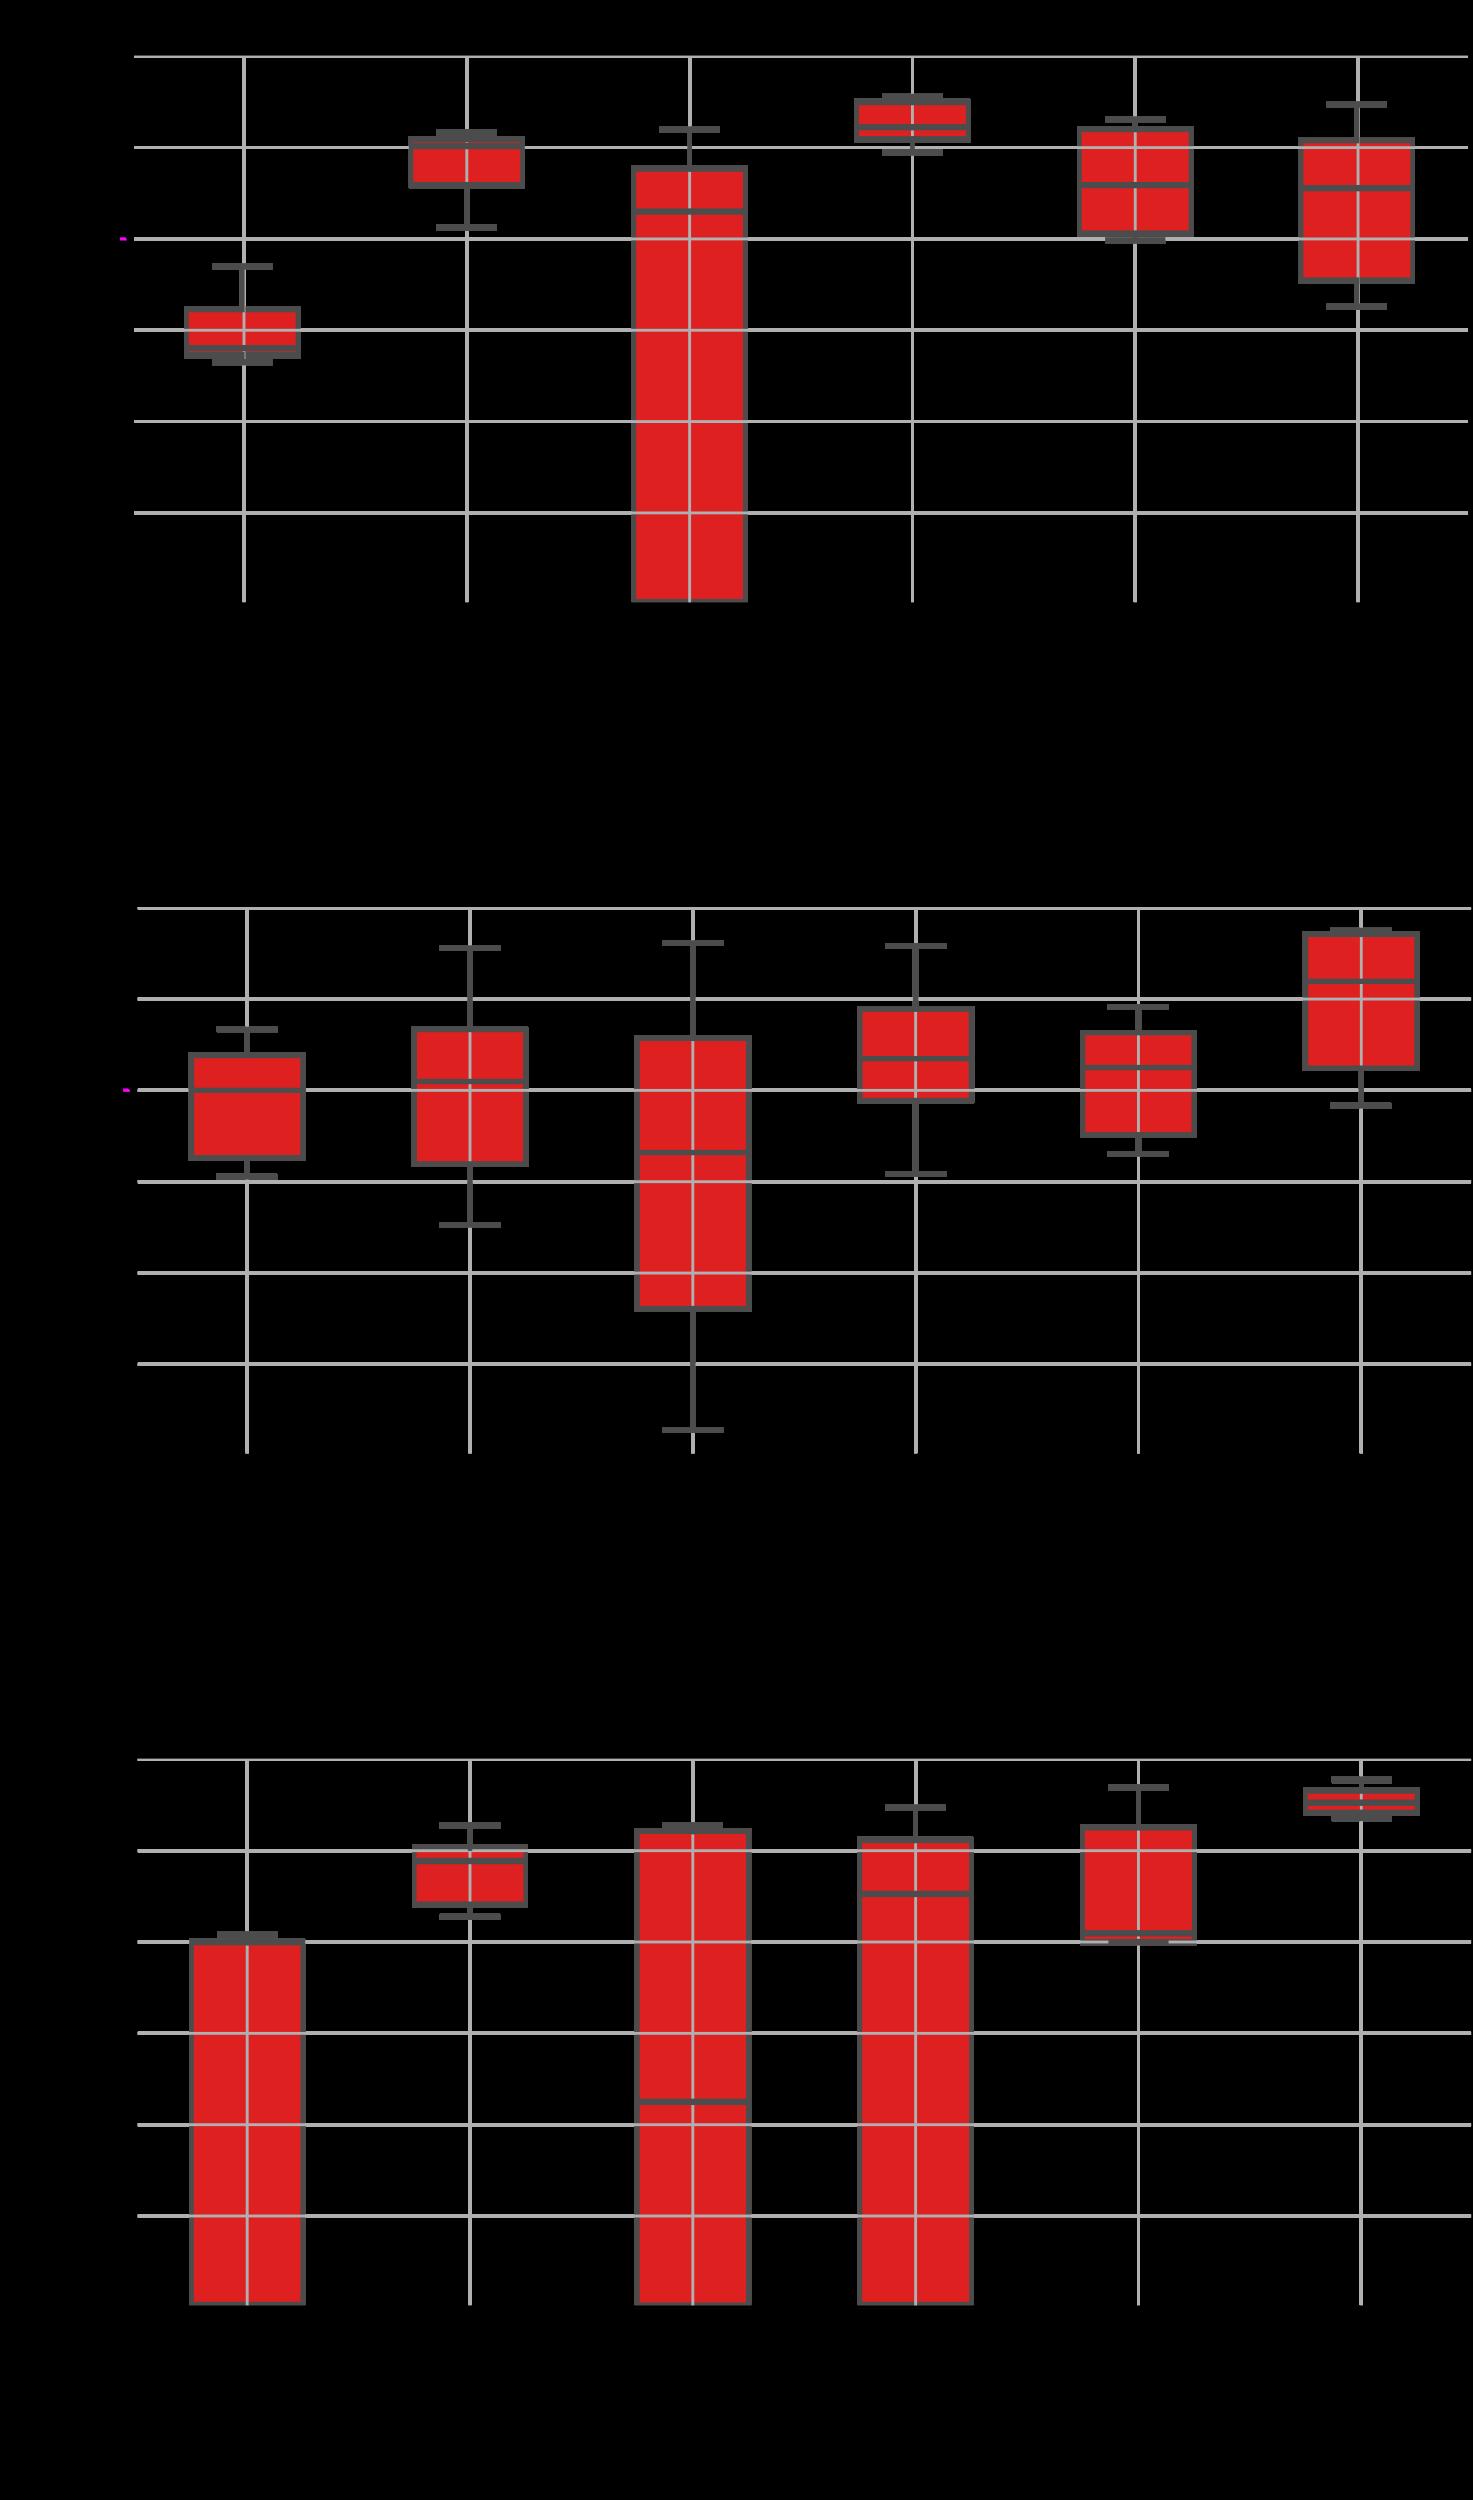 Gráfica de cajas y bigotes con los datos de prueba. Precisión en función de los modelos para las imágenes axial, coronal y sagital